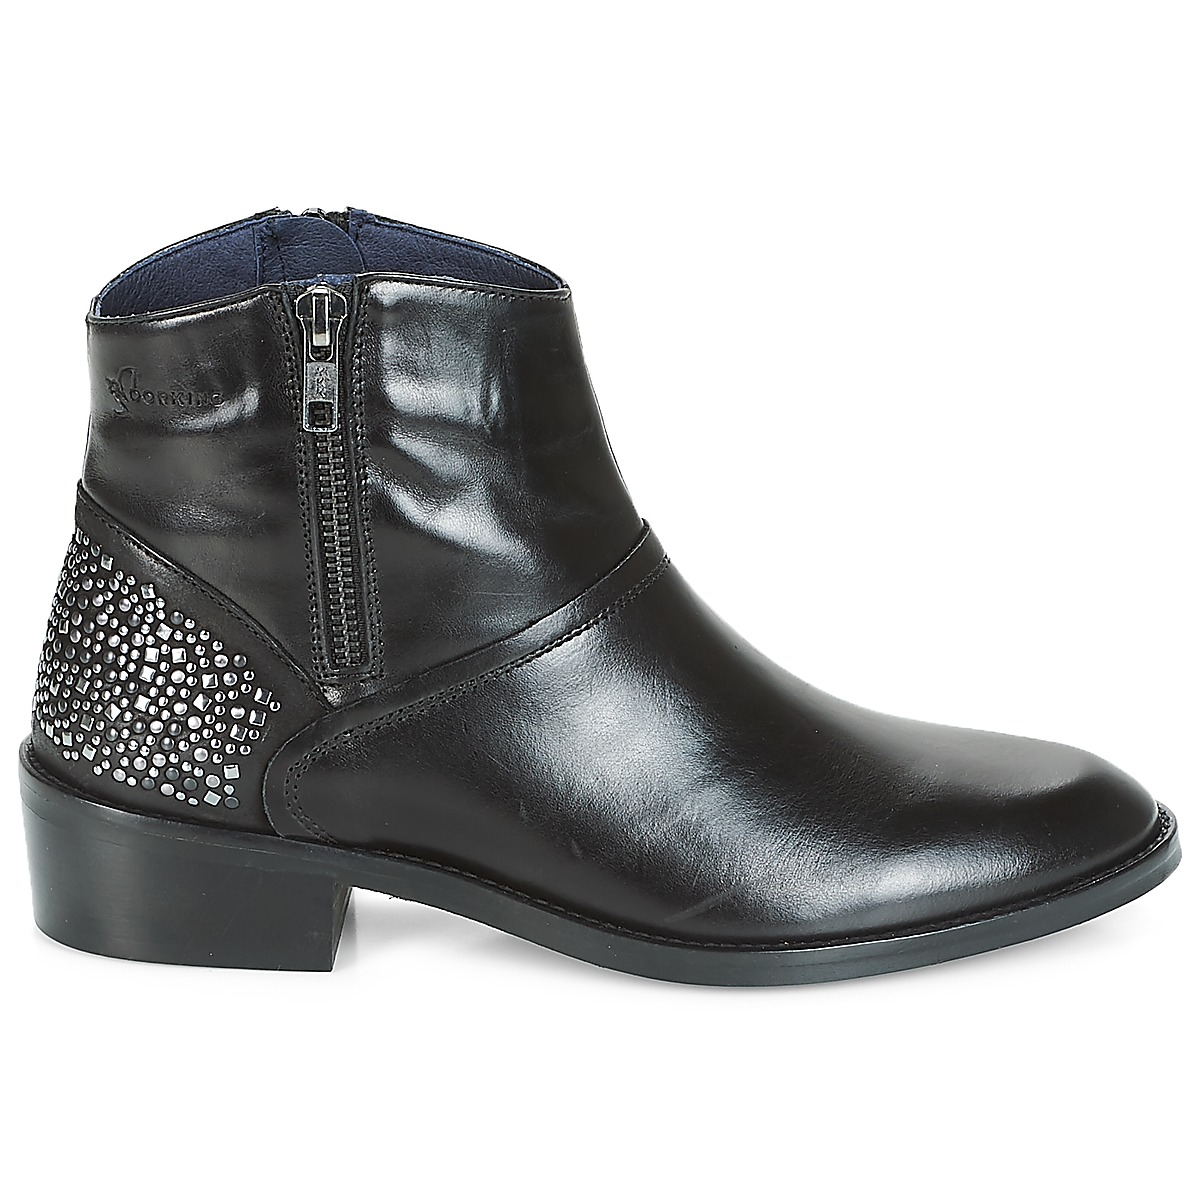 Dorking Celine Noir - Livraison Gratuite Chaussures Boot Femme 103,20 €